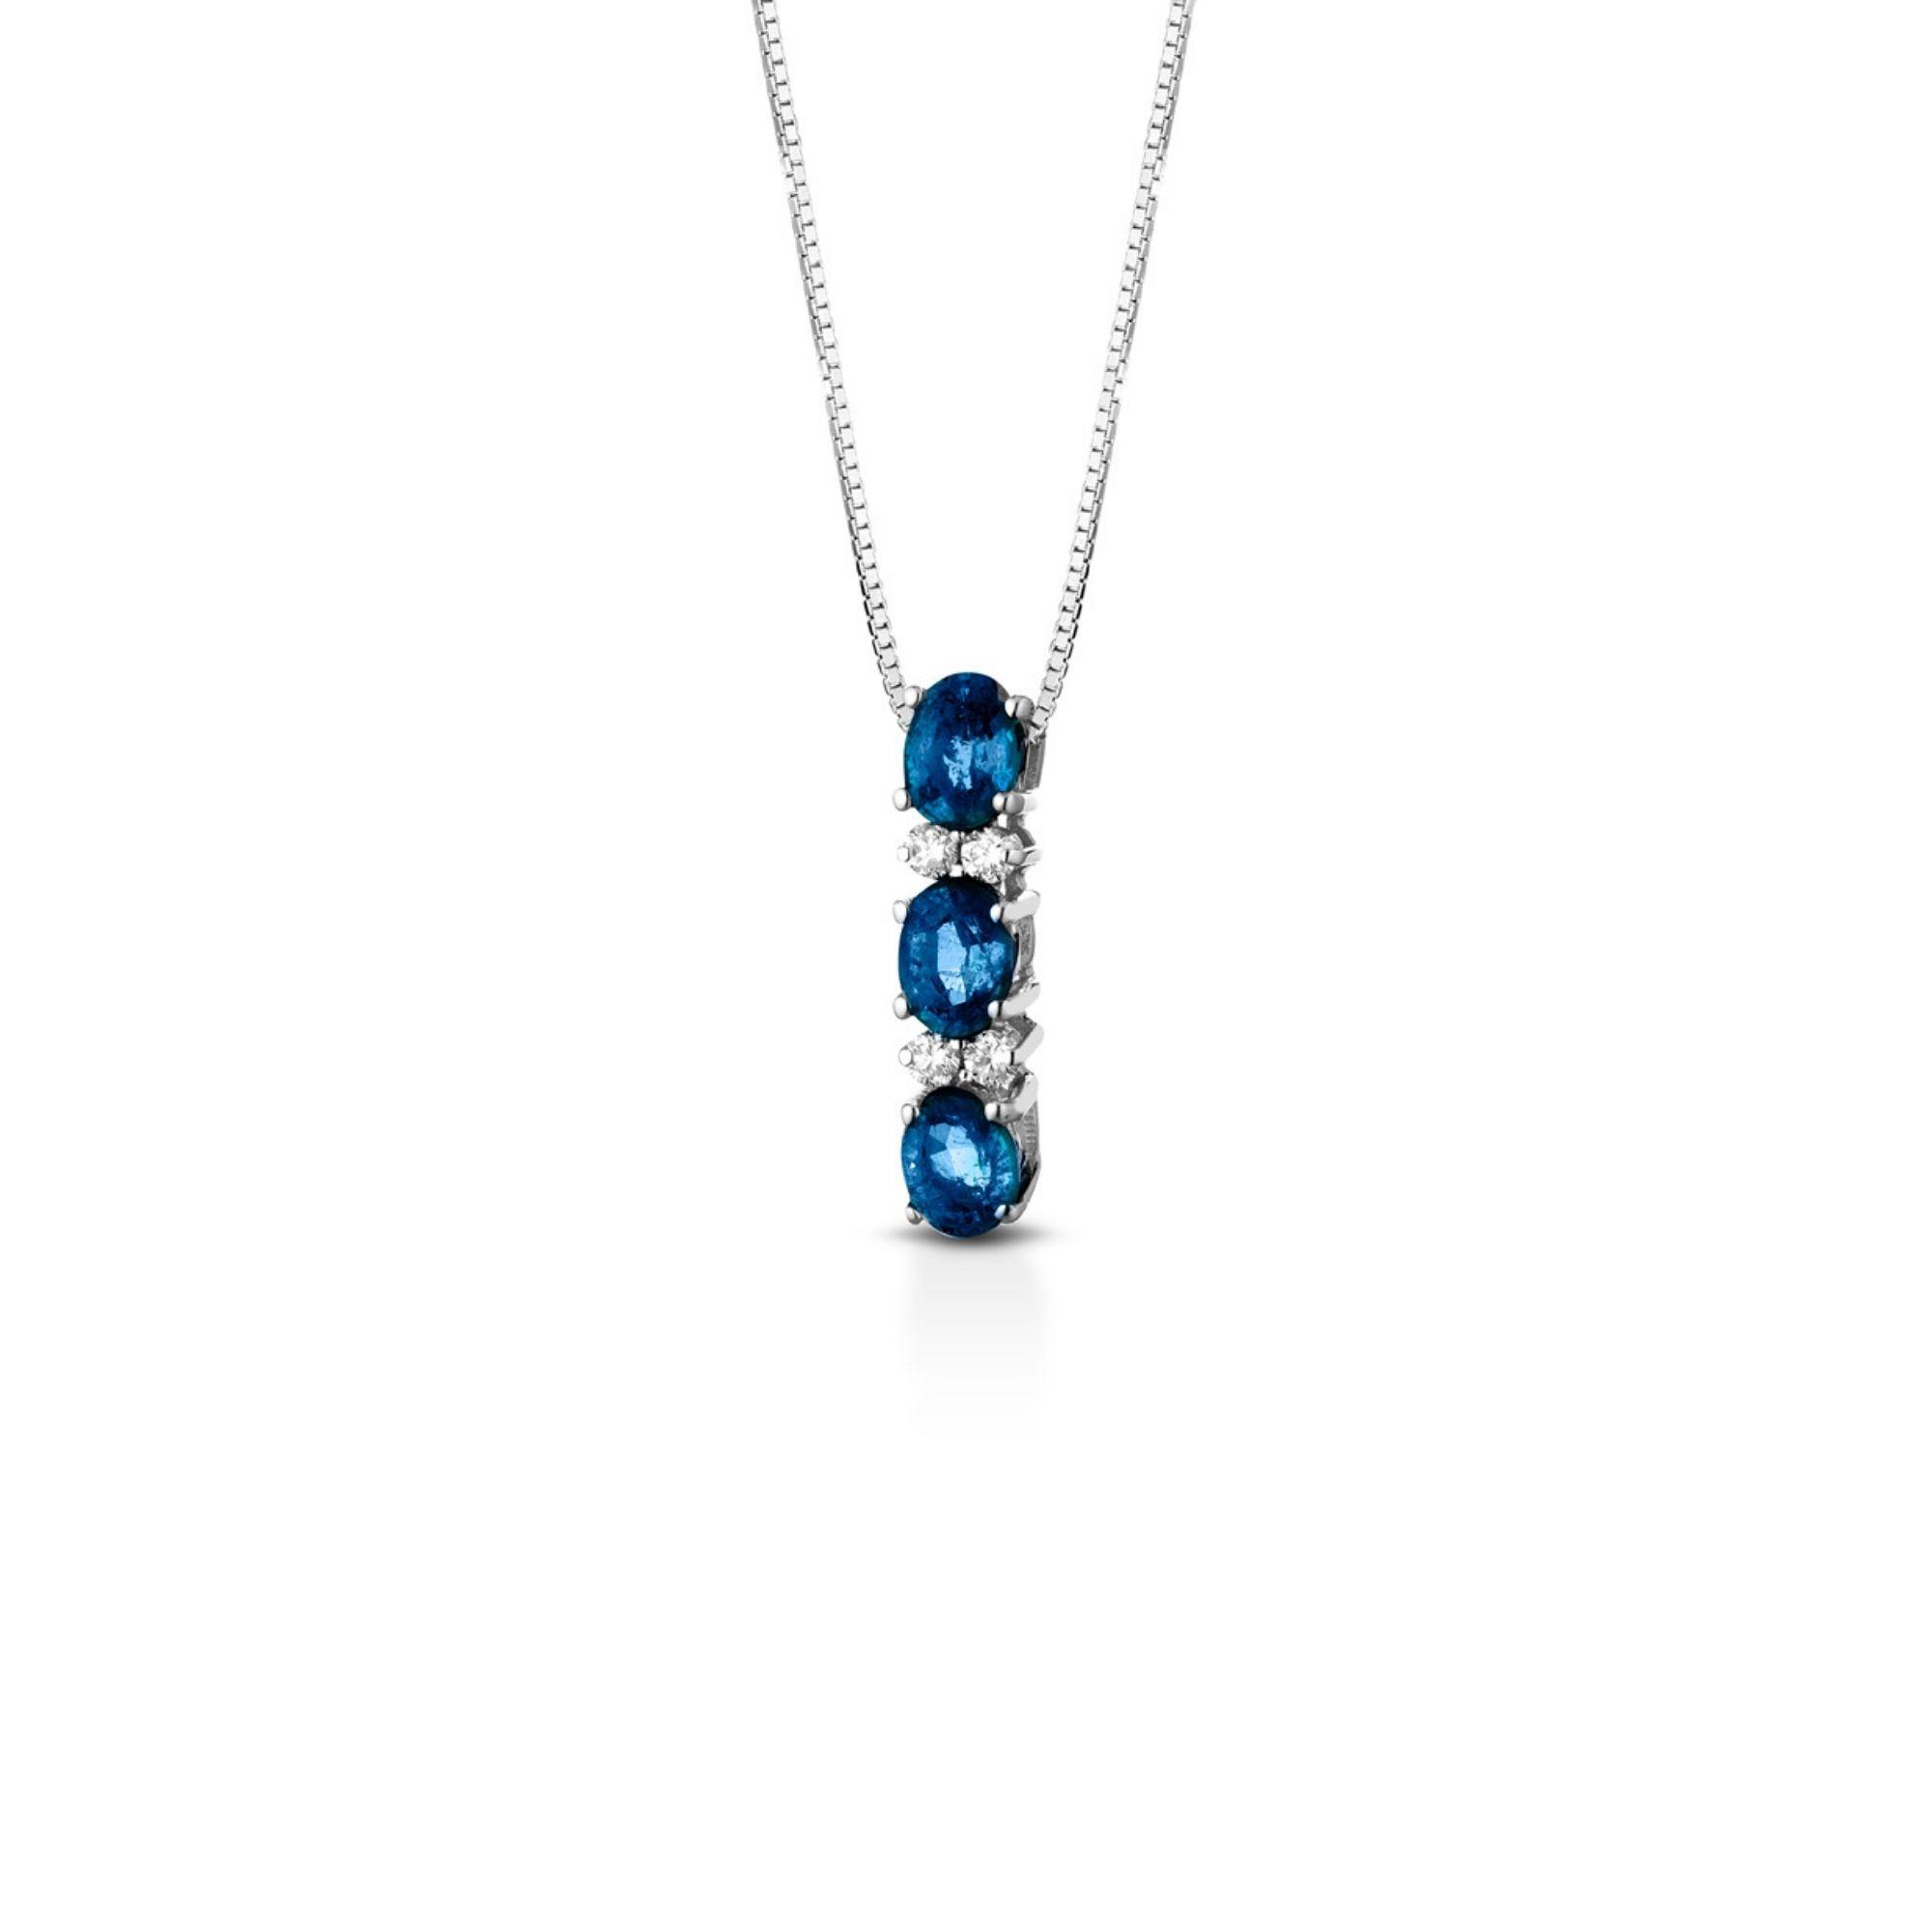 Collana diamanti e zaffiri Diamond and sapphire necklace sconto discount